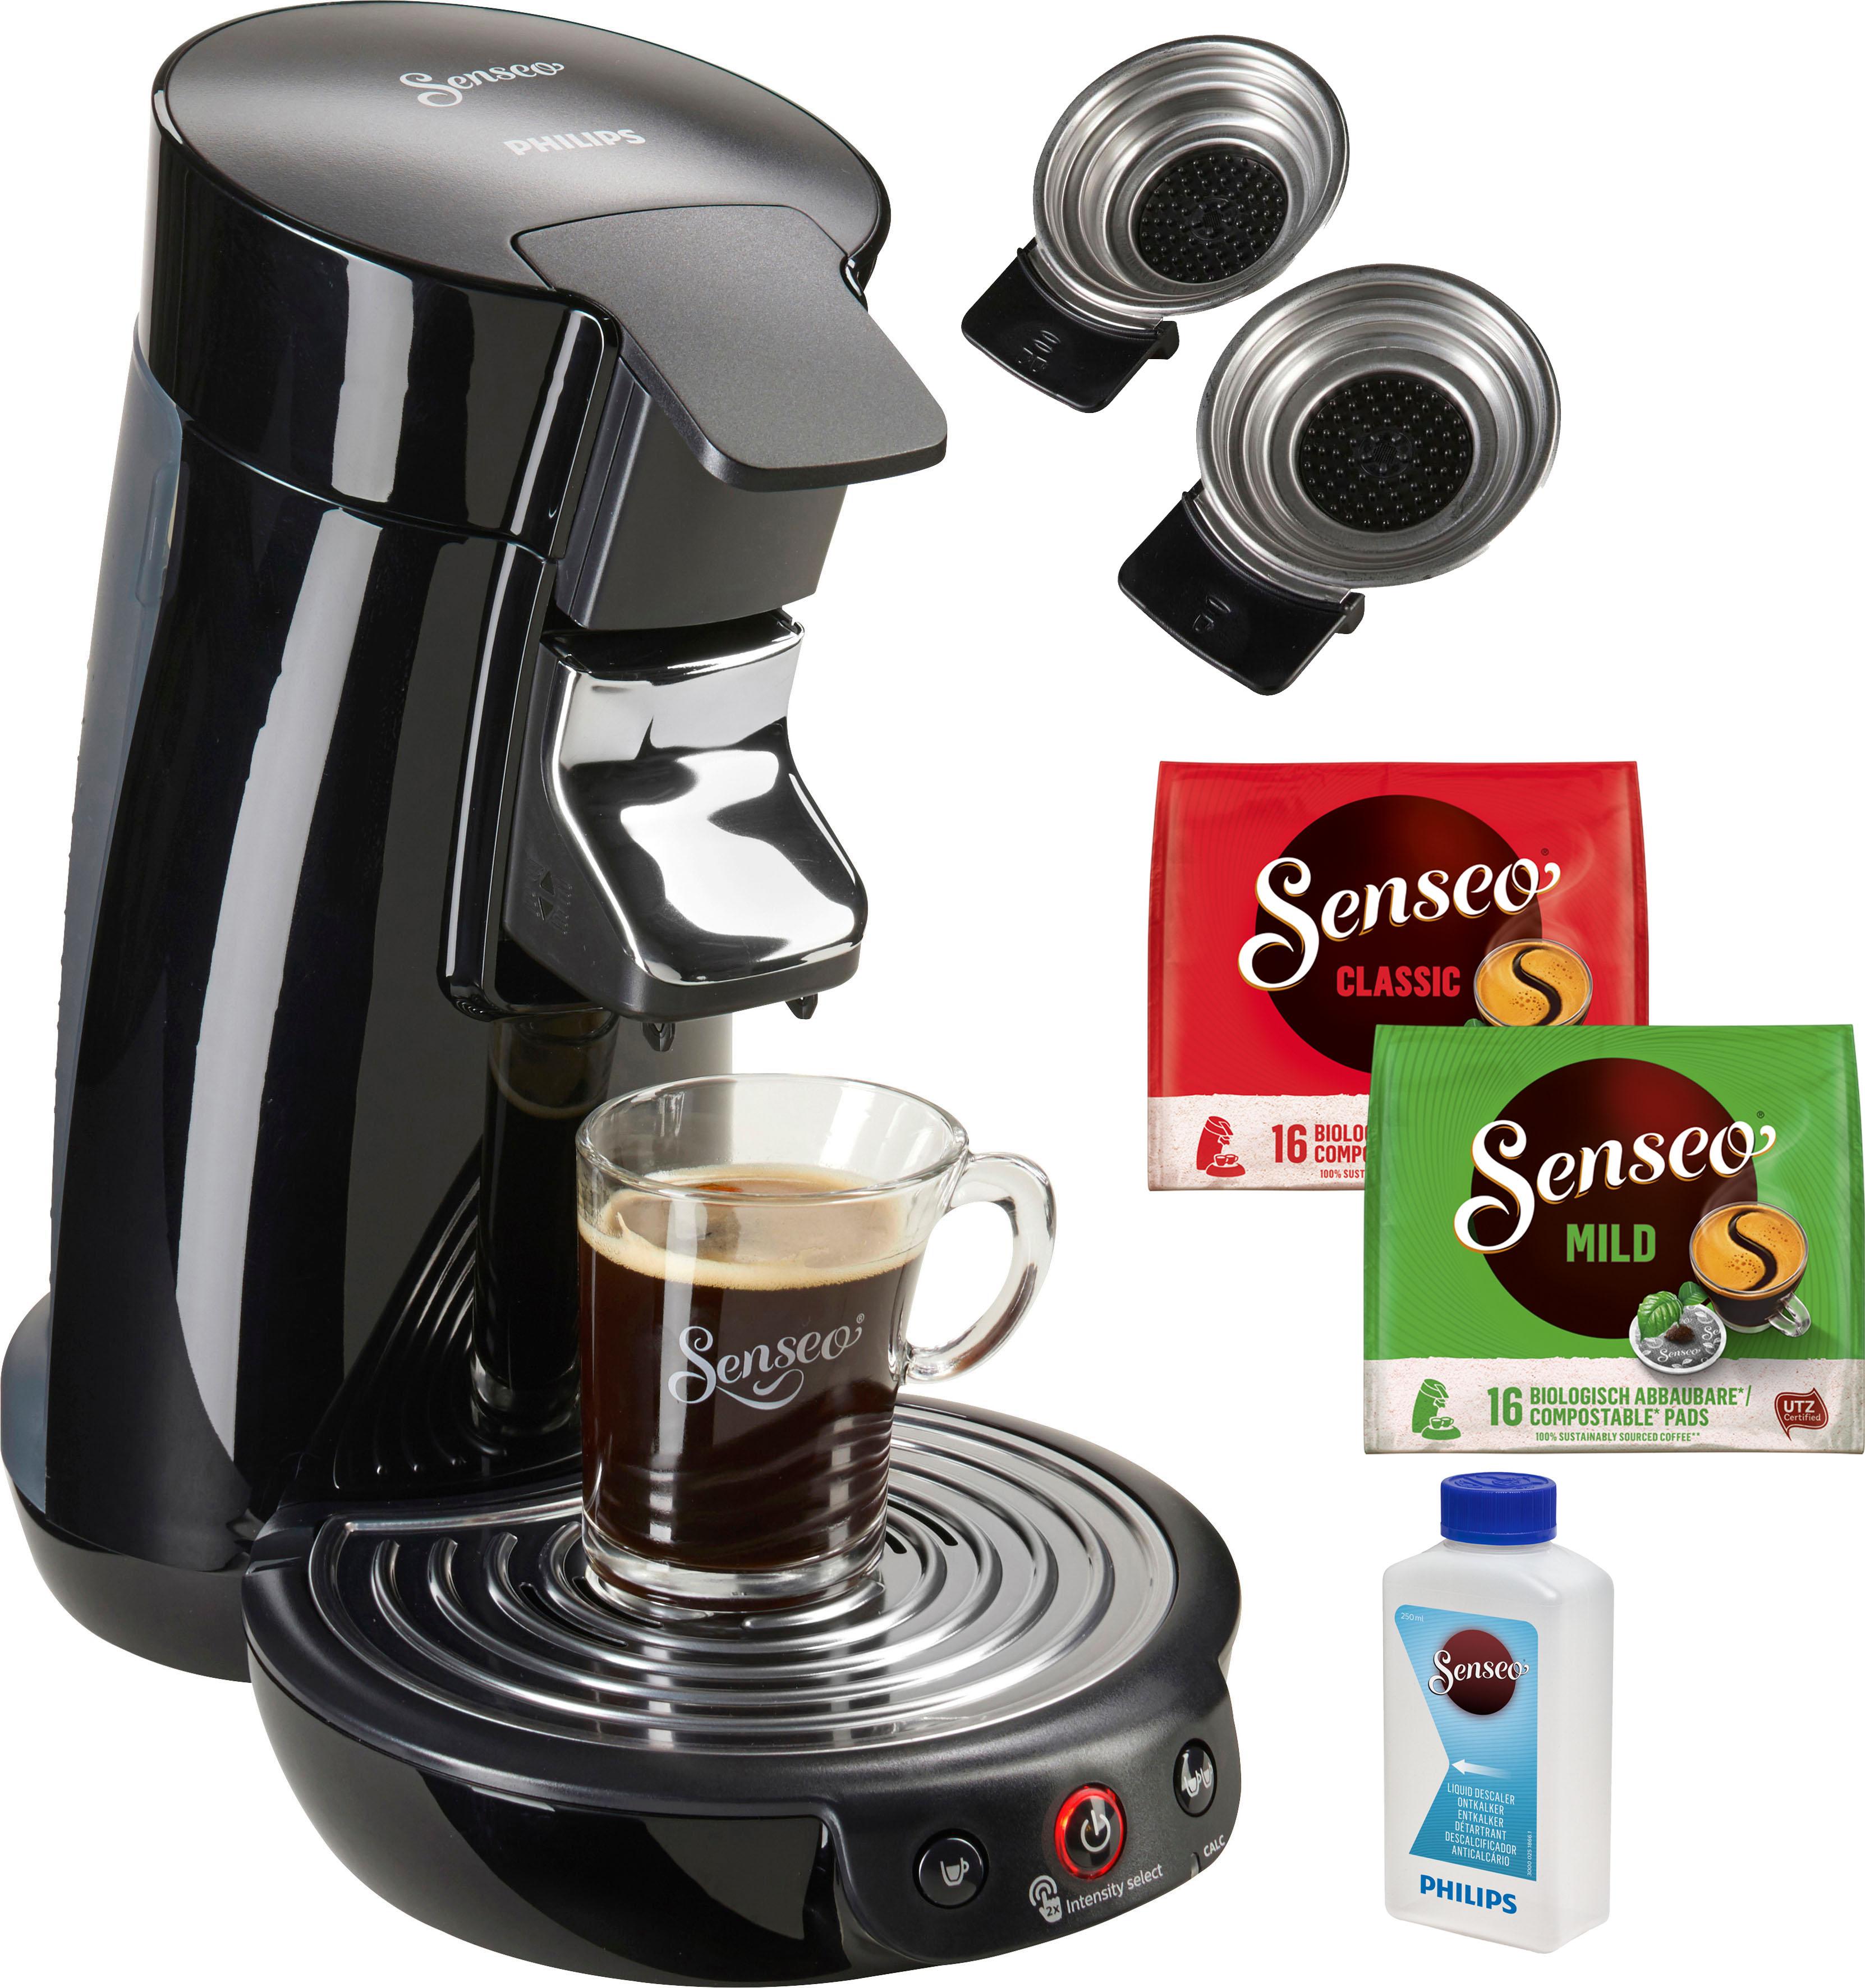 Senseo Kaffeepadmaschine SENSEO Viva Café HD6563/60, inkl. Gratis-Zugaben im Wert von 14,- UVP